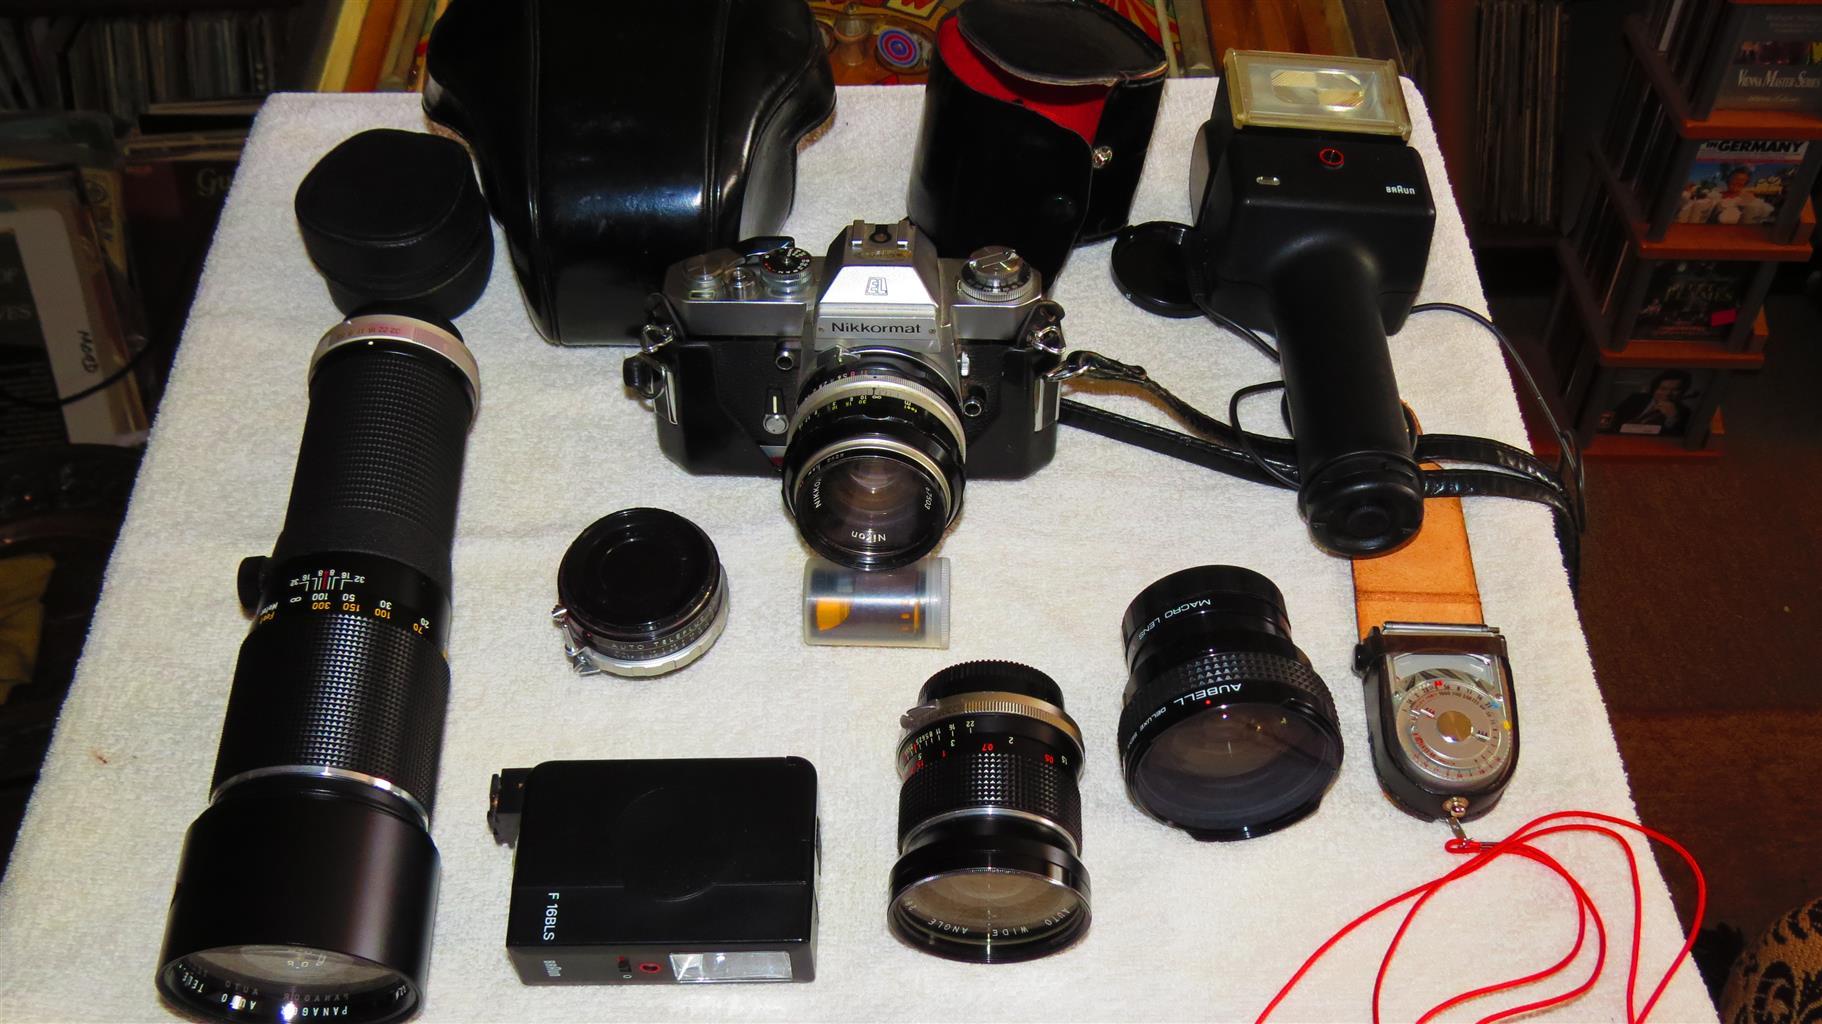 NIKKORMAT EL Camera and Accessories